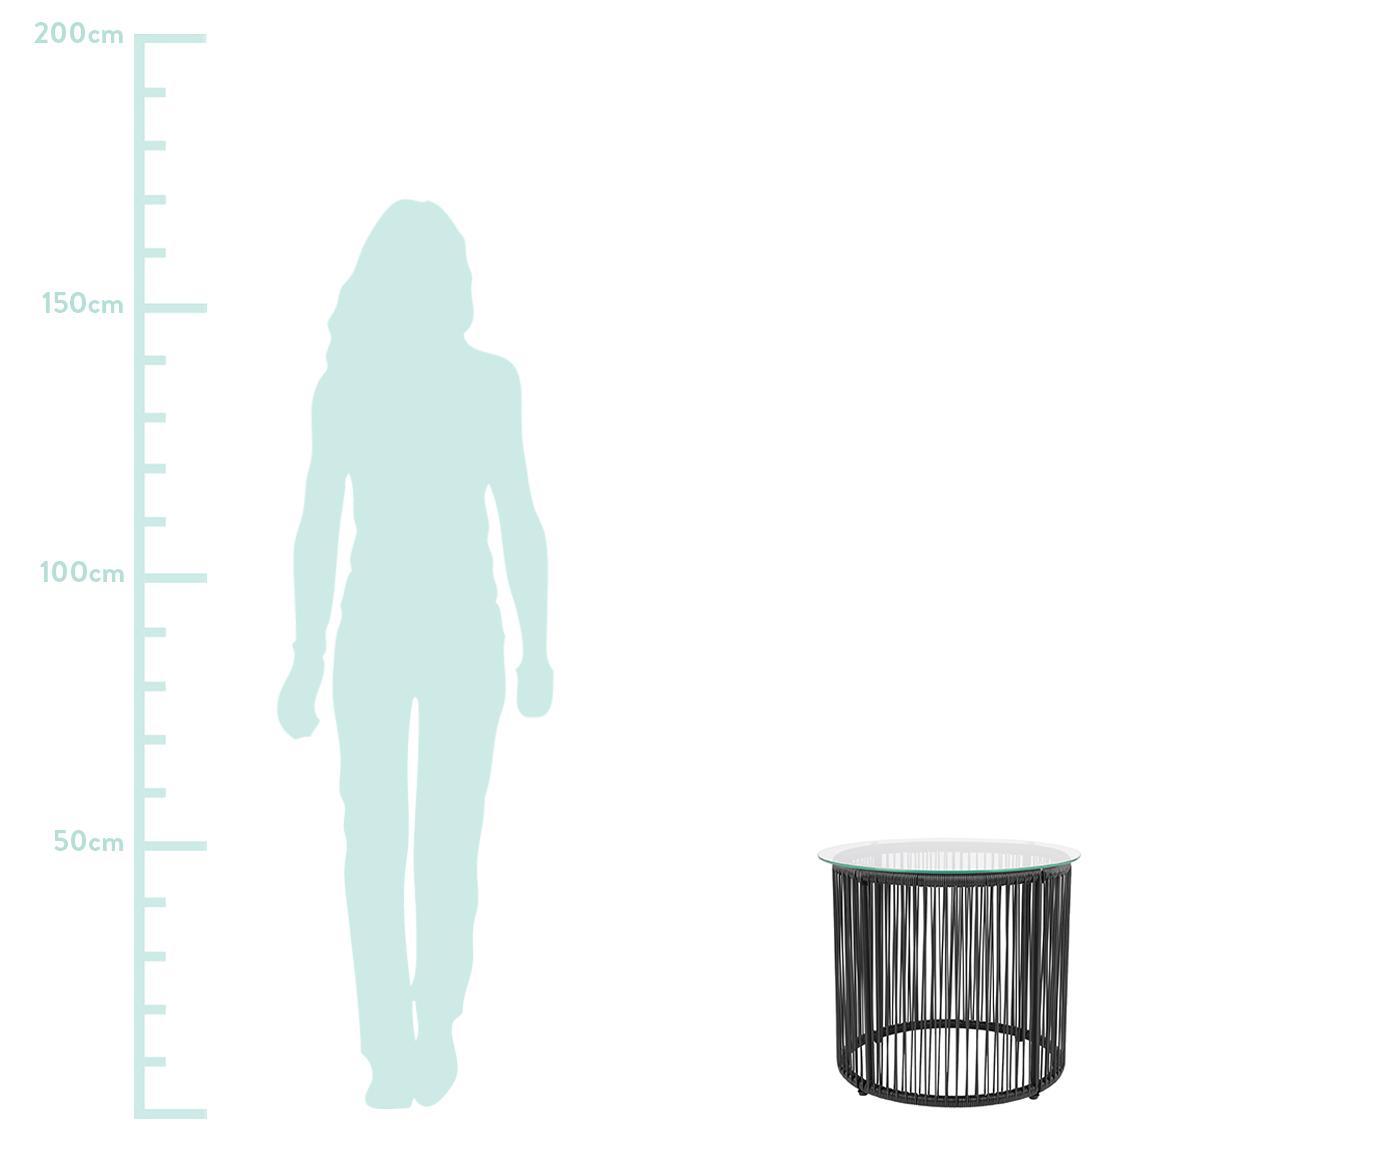 Mesa auxiliar Bahia, tablero de cristal, Tablero: vidrio, espesor 5mm, Estructura: aluminio, pintura en polv, Tablero: transparente Cuerdas y estructura: negro, Ø 50 x Al 45 cm